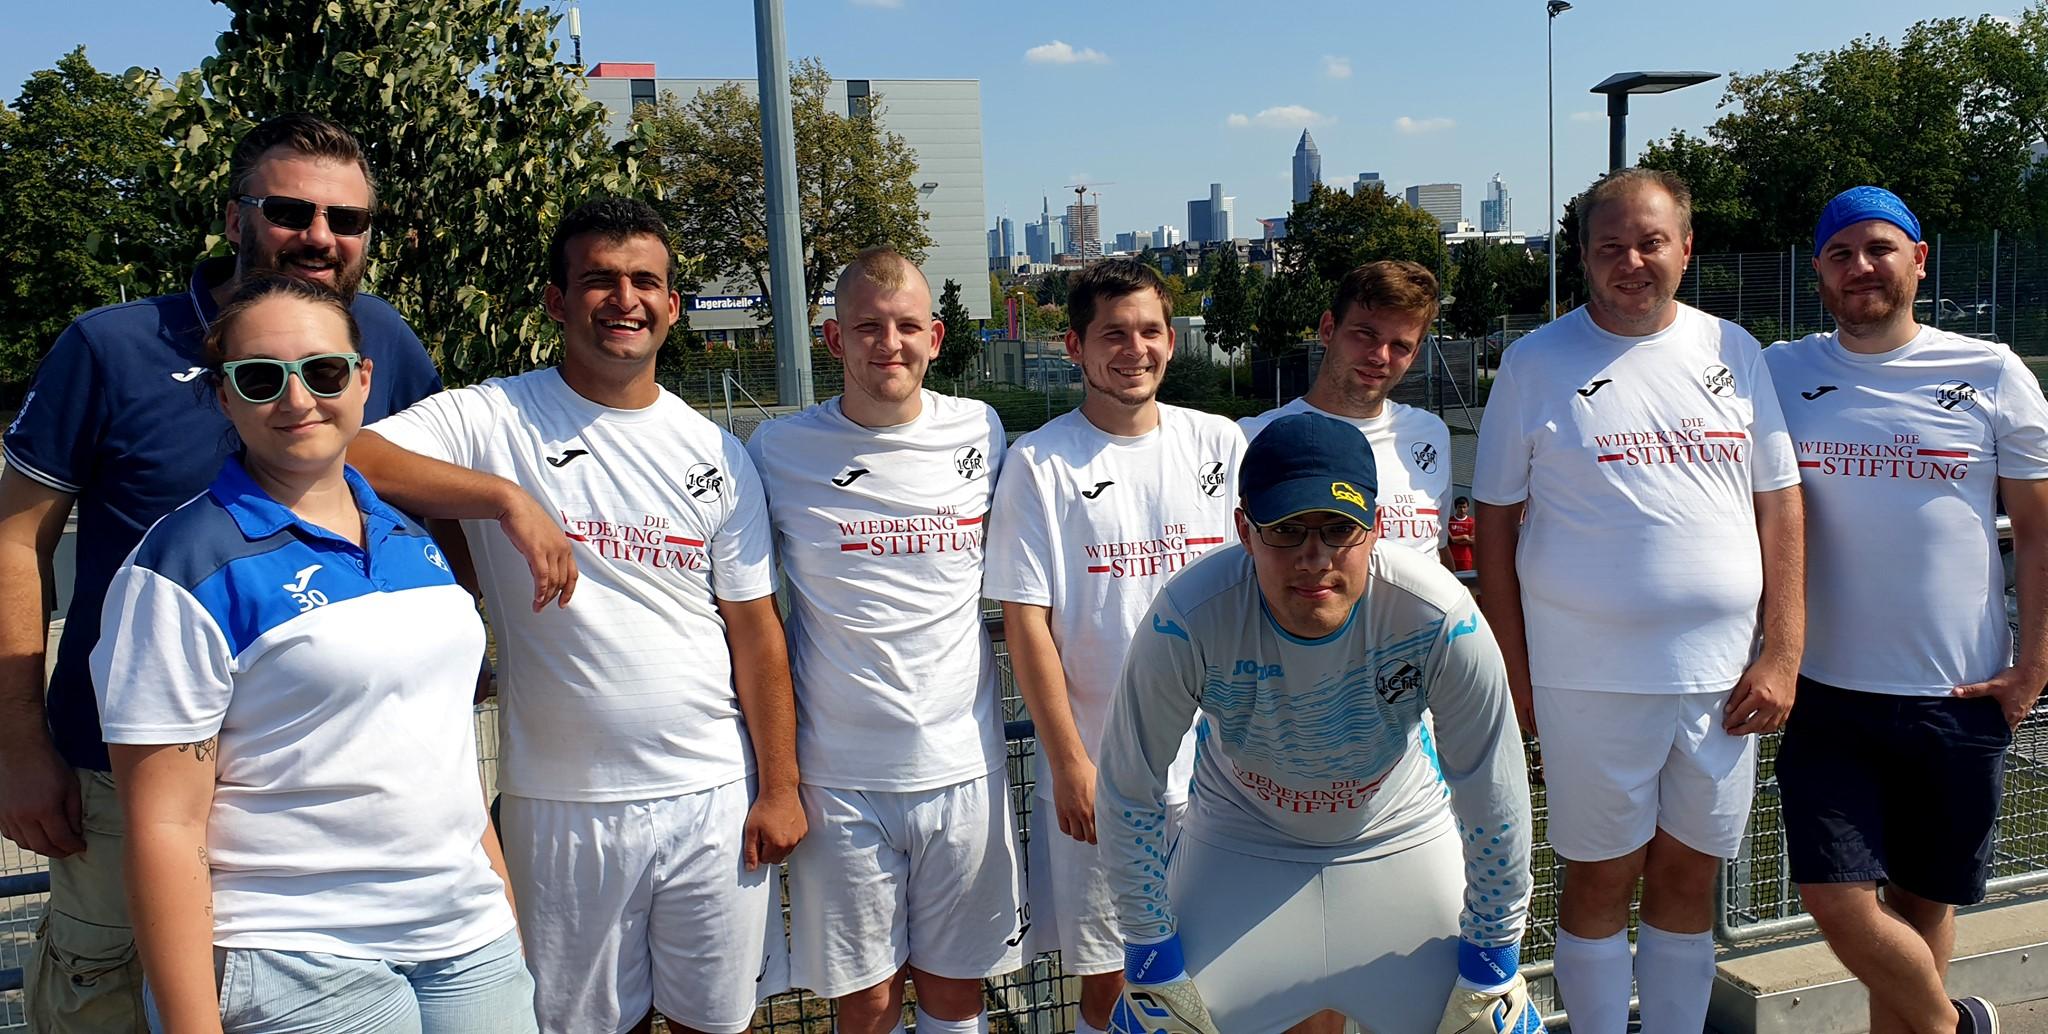 Inklusionsteam holt 3. Platz beim Turnier in Frankfurt